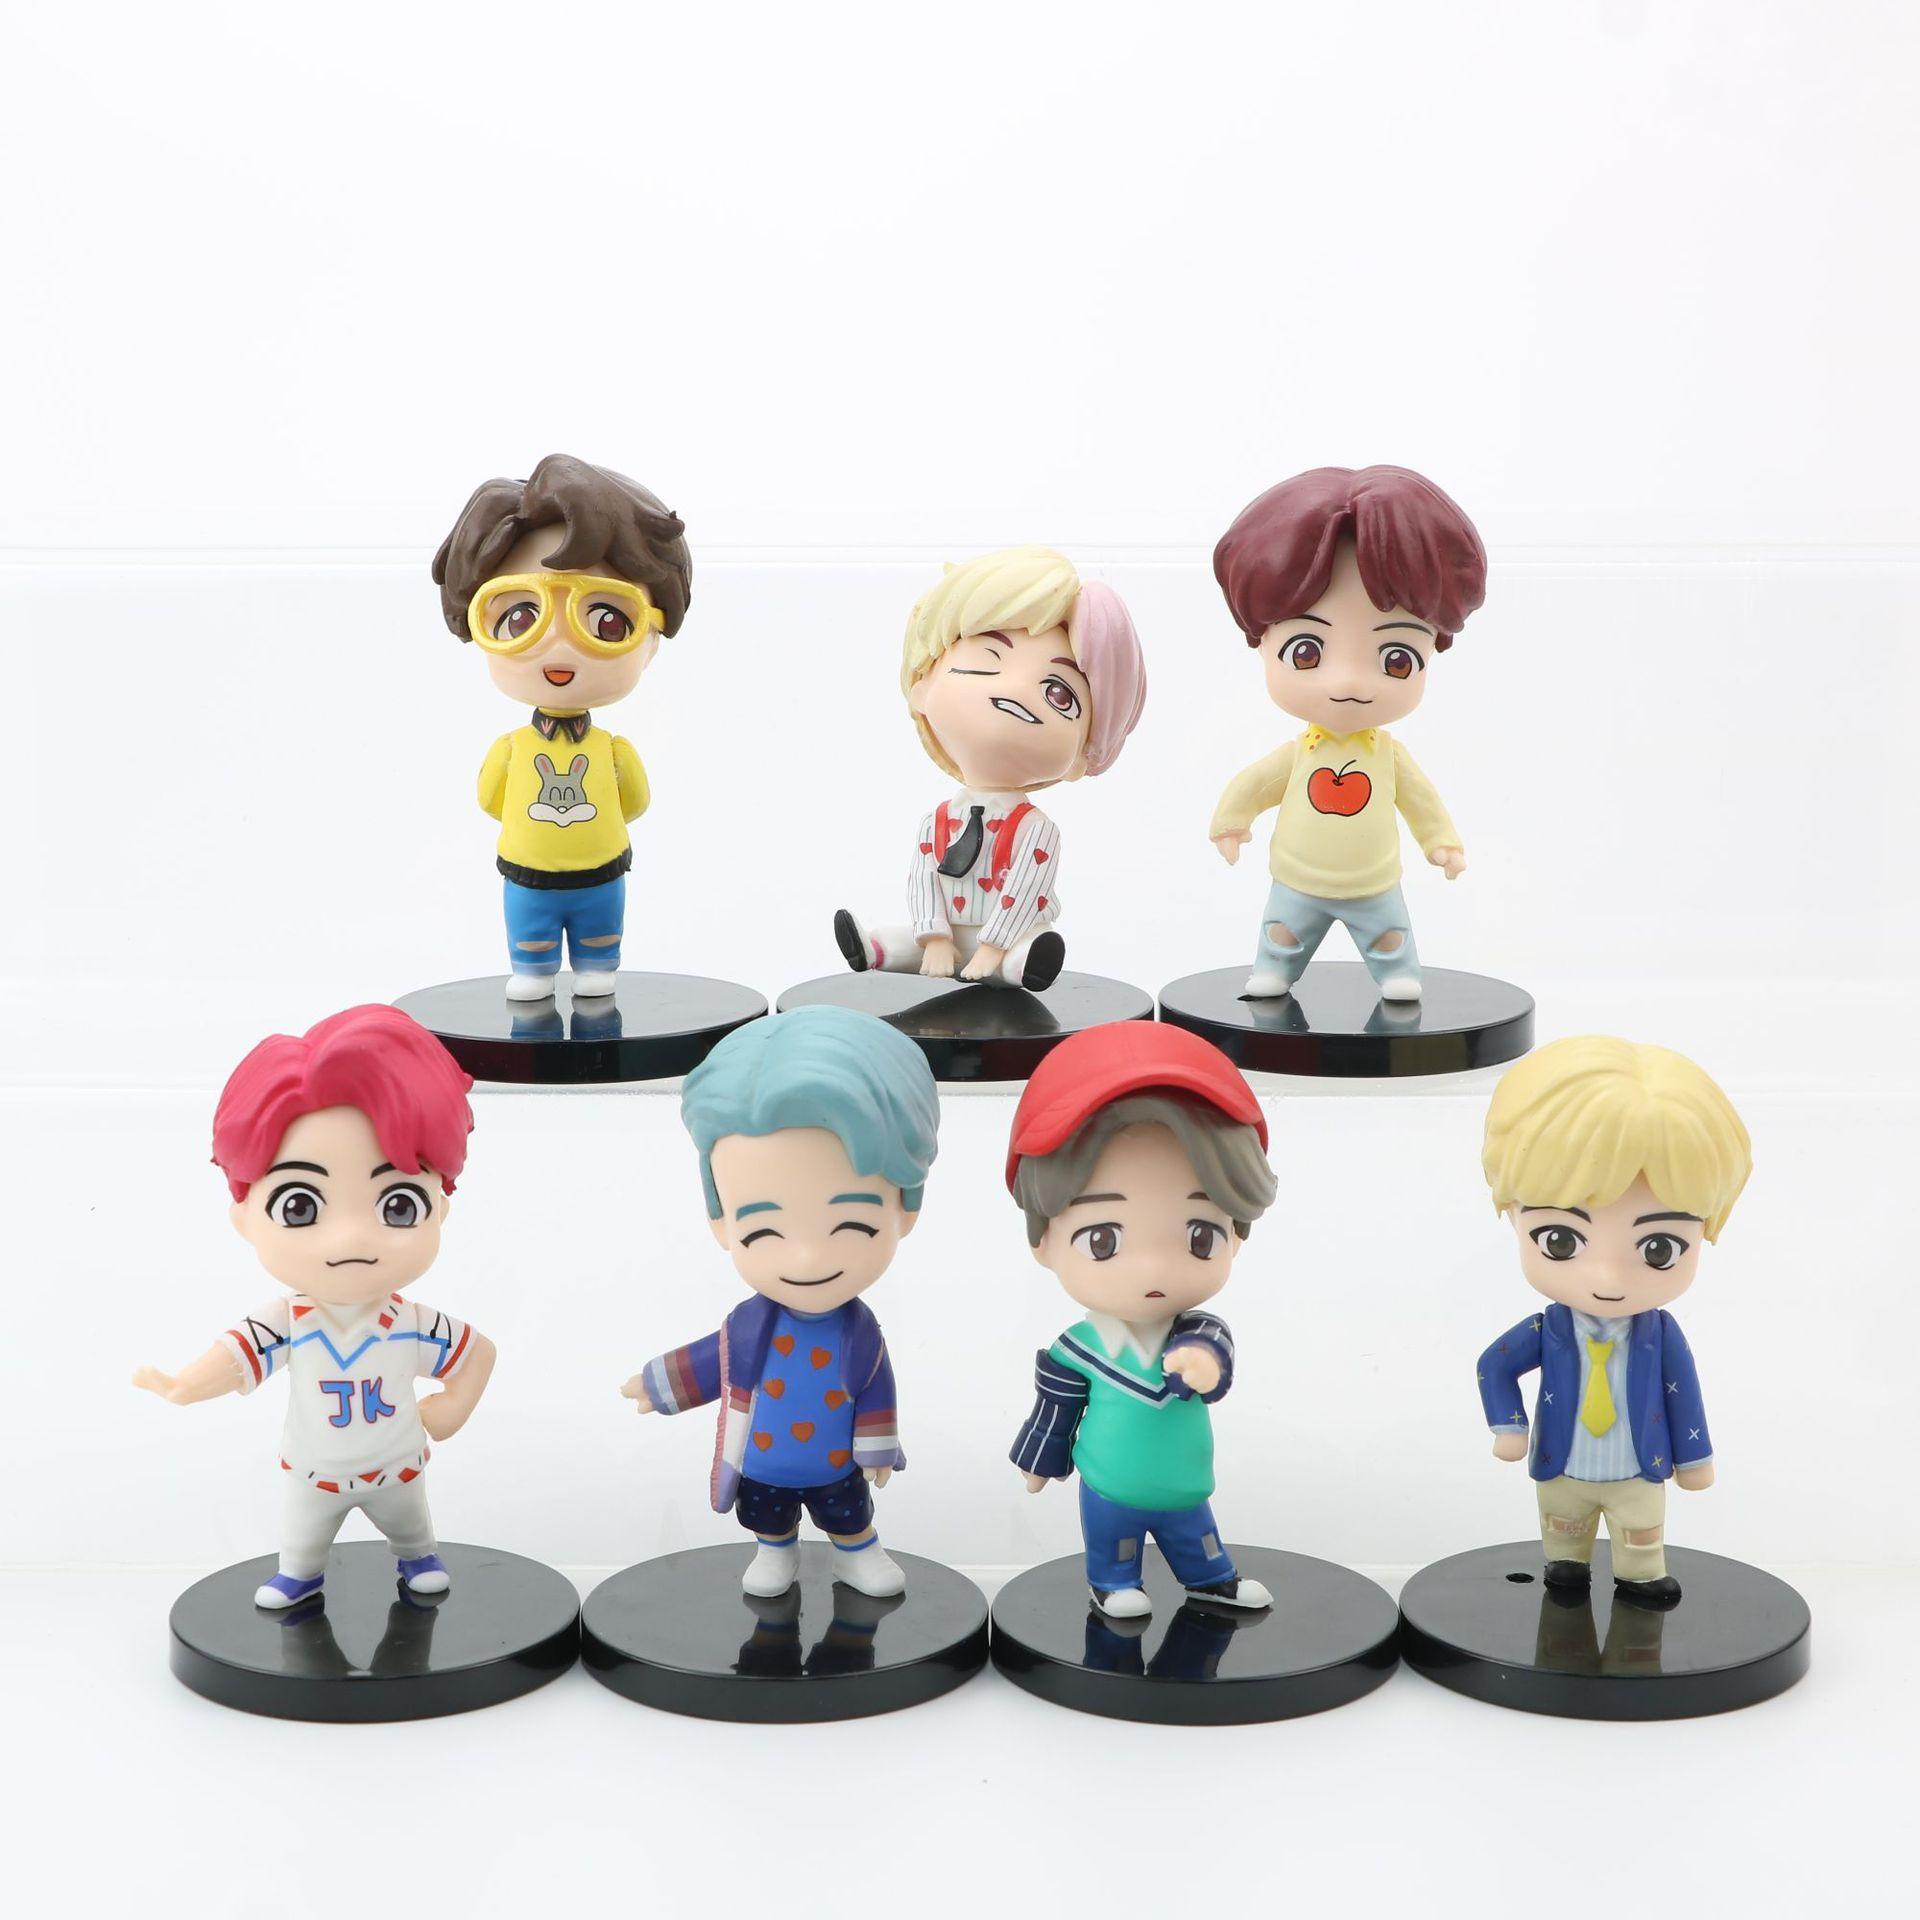 7 шт./лот KPOP Bangtan Boys TinyTAN корейские персонажи группы Jin модели игрушки Фигурки героев Игрушки для девочек игрушки